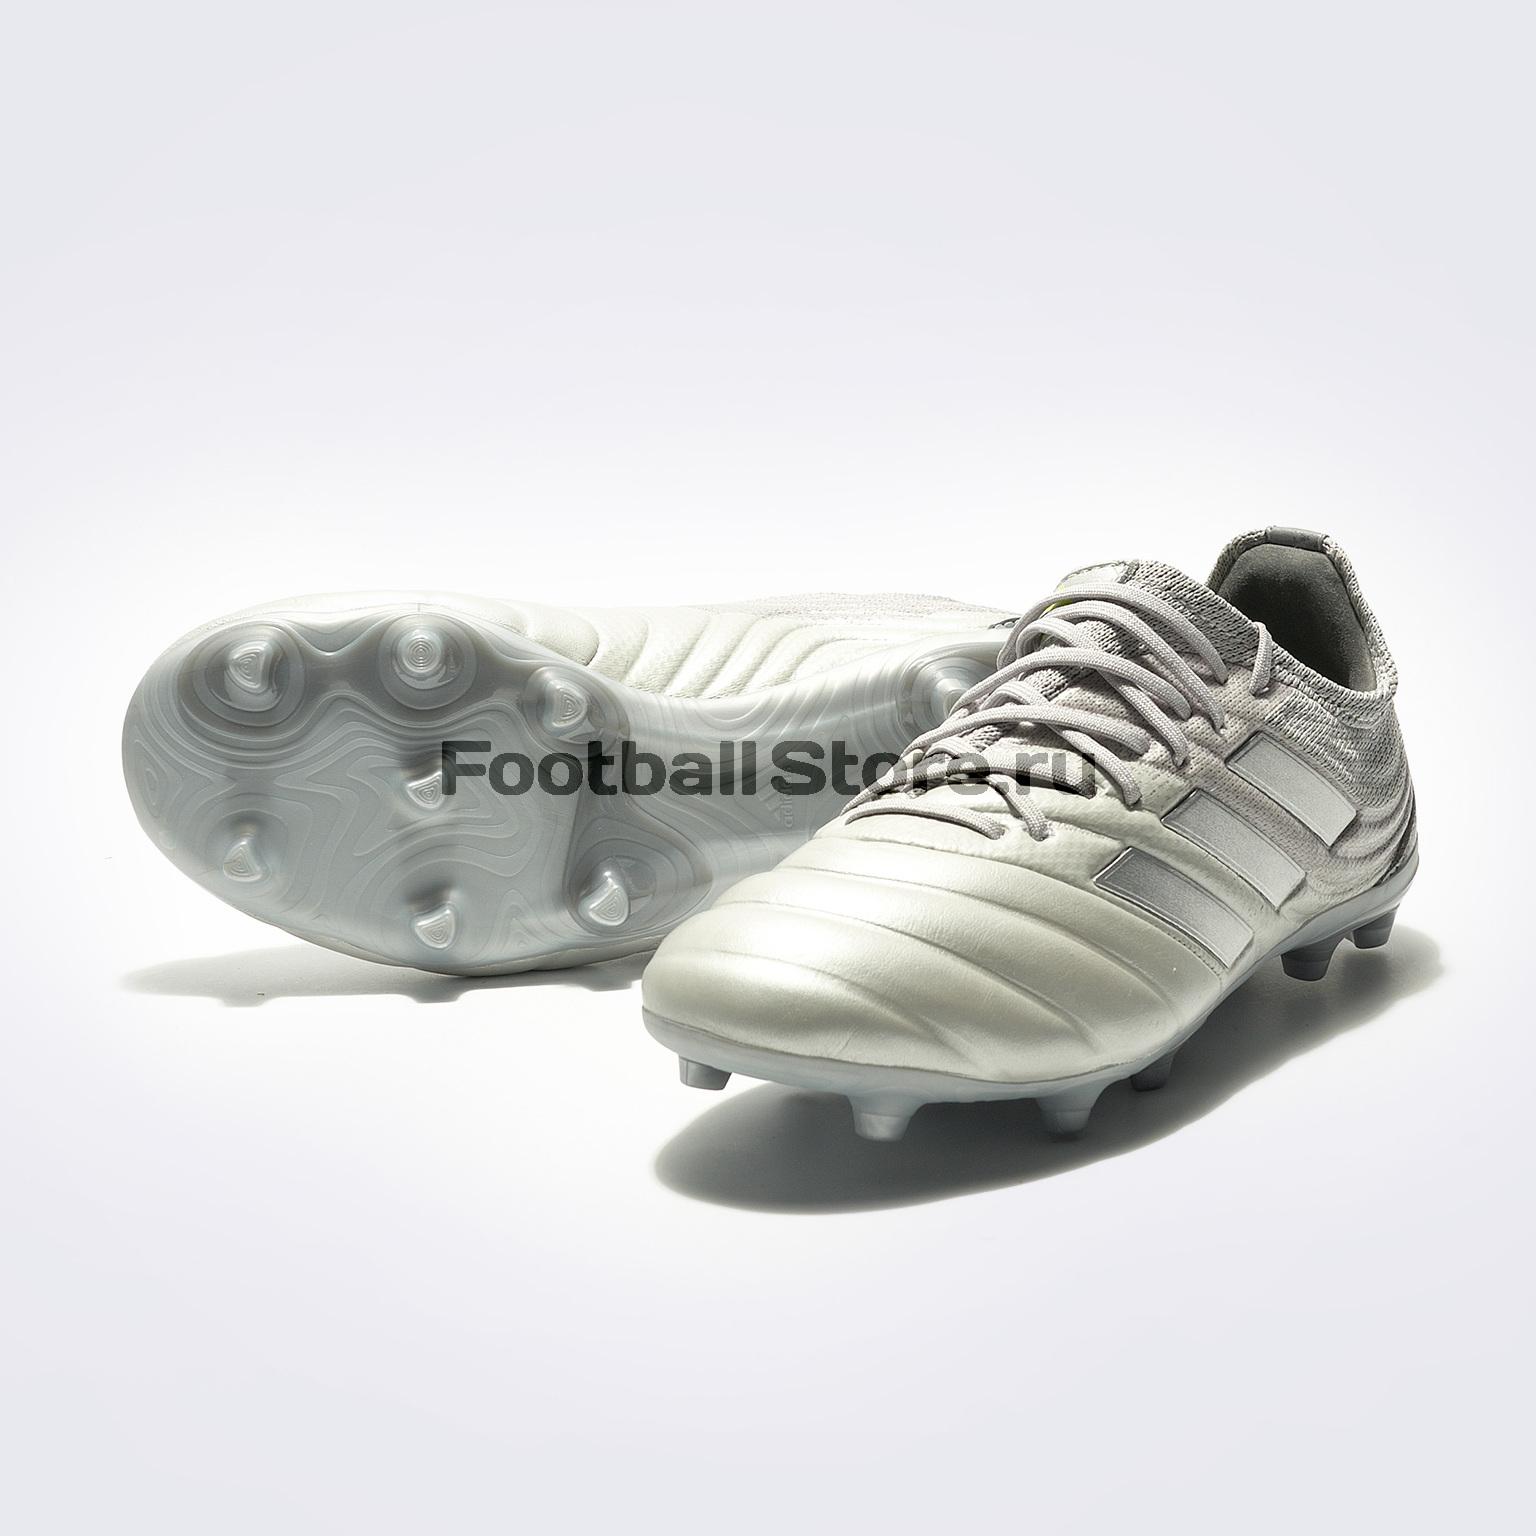 цена на Бутсы детские Adidas Copa 20.1 FG EF8320